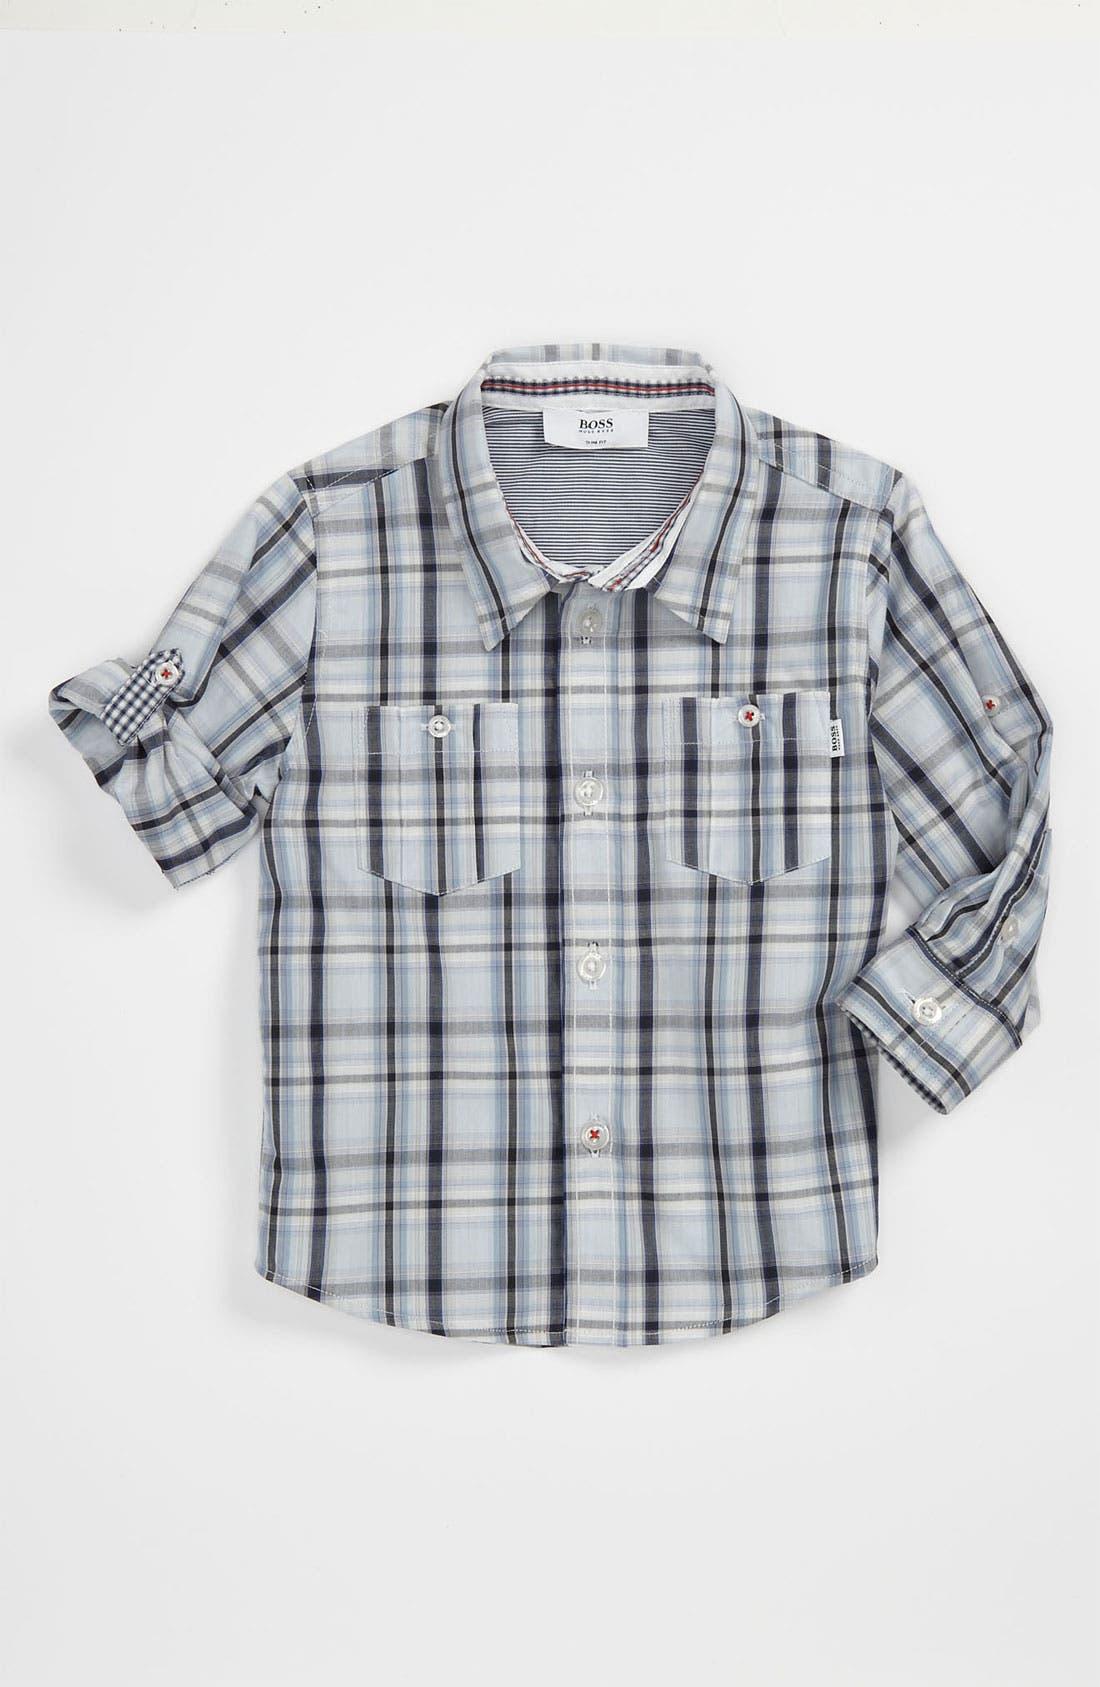 Main Image - BOSS Kidswear Poplin Shirt (Baby)